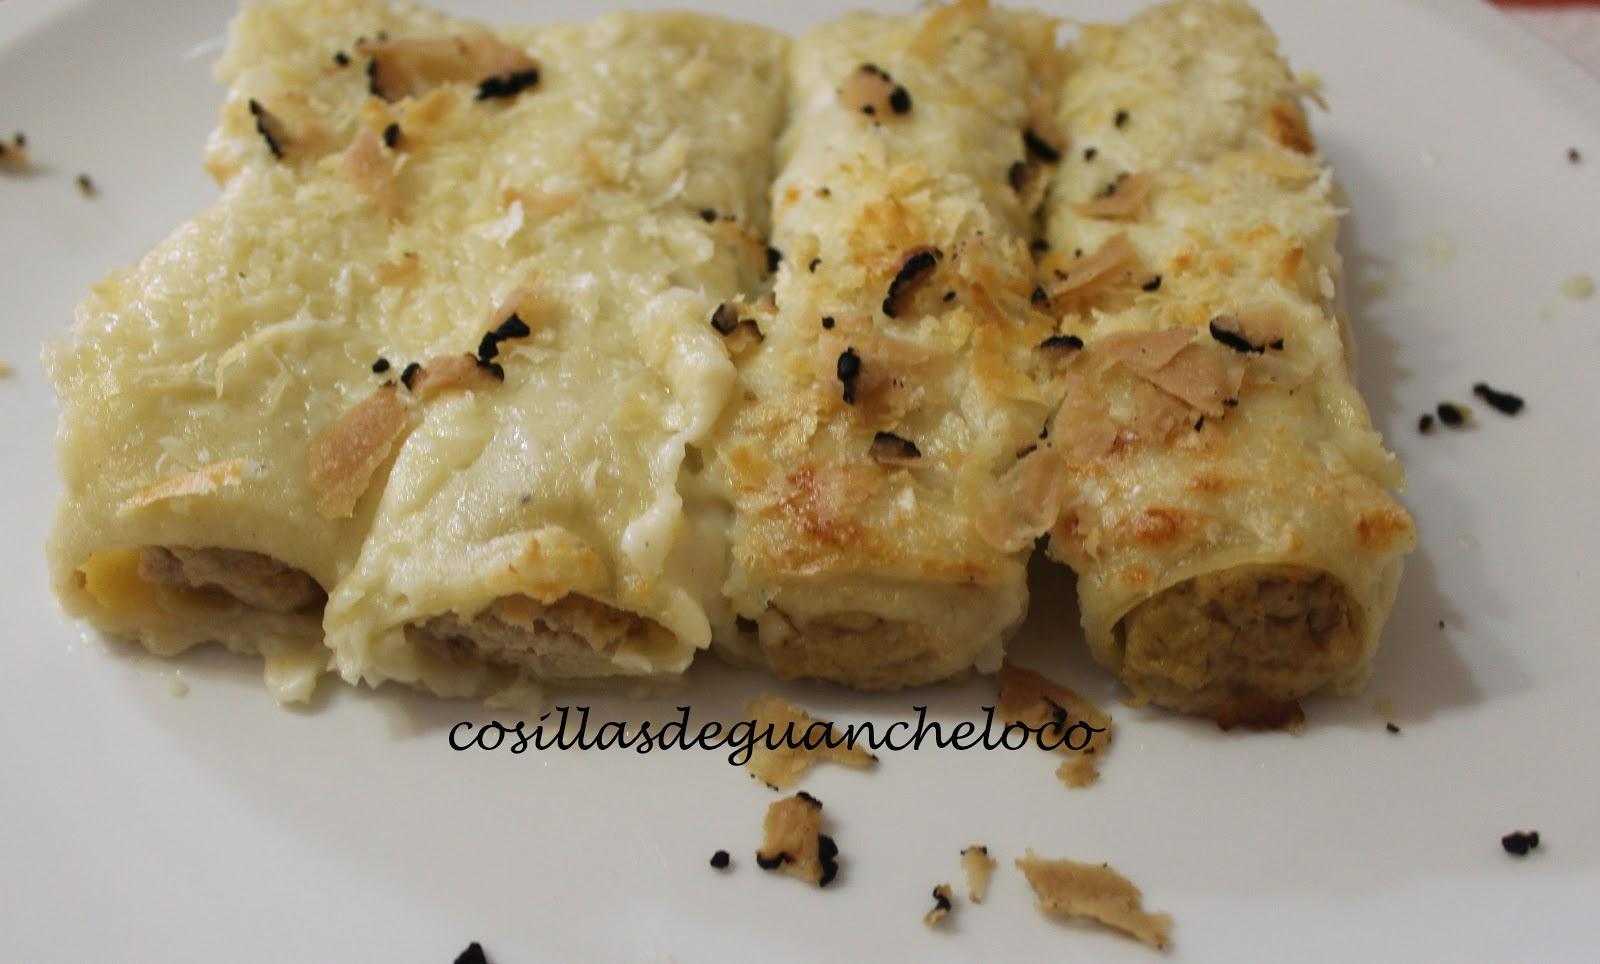 Cocinar Pollo De Corral | Aprendiendo A Cocinar Cosillas De Guancheloco Canelones De Pollo